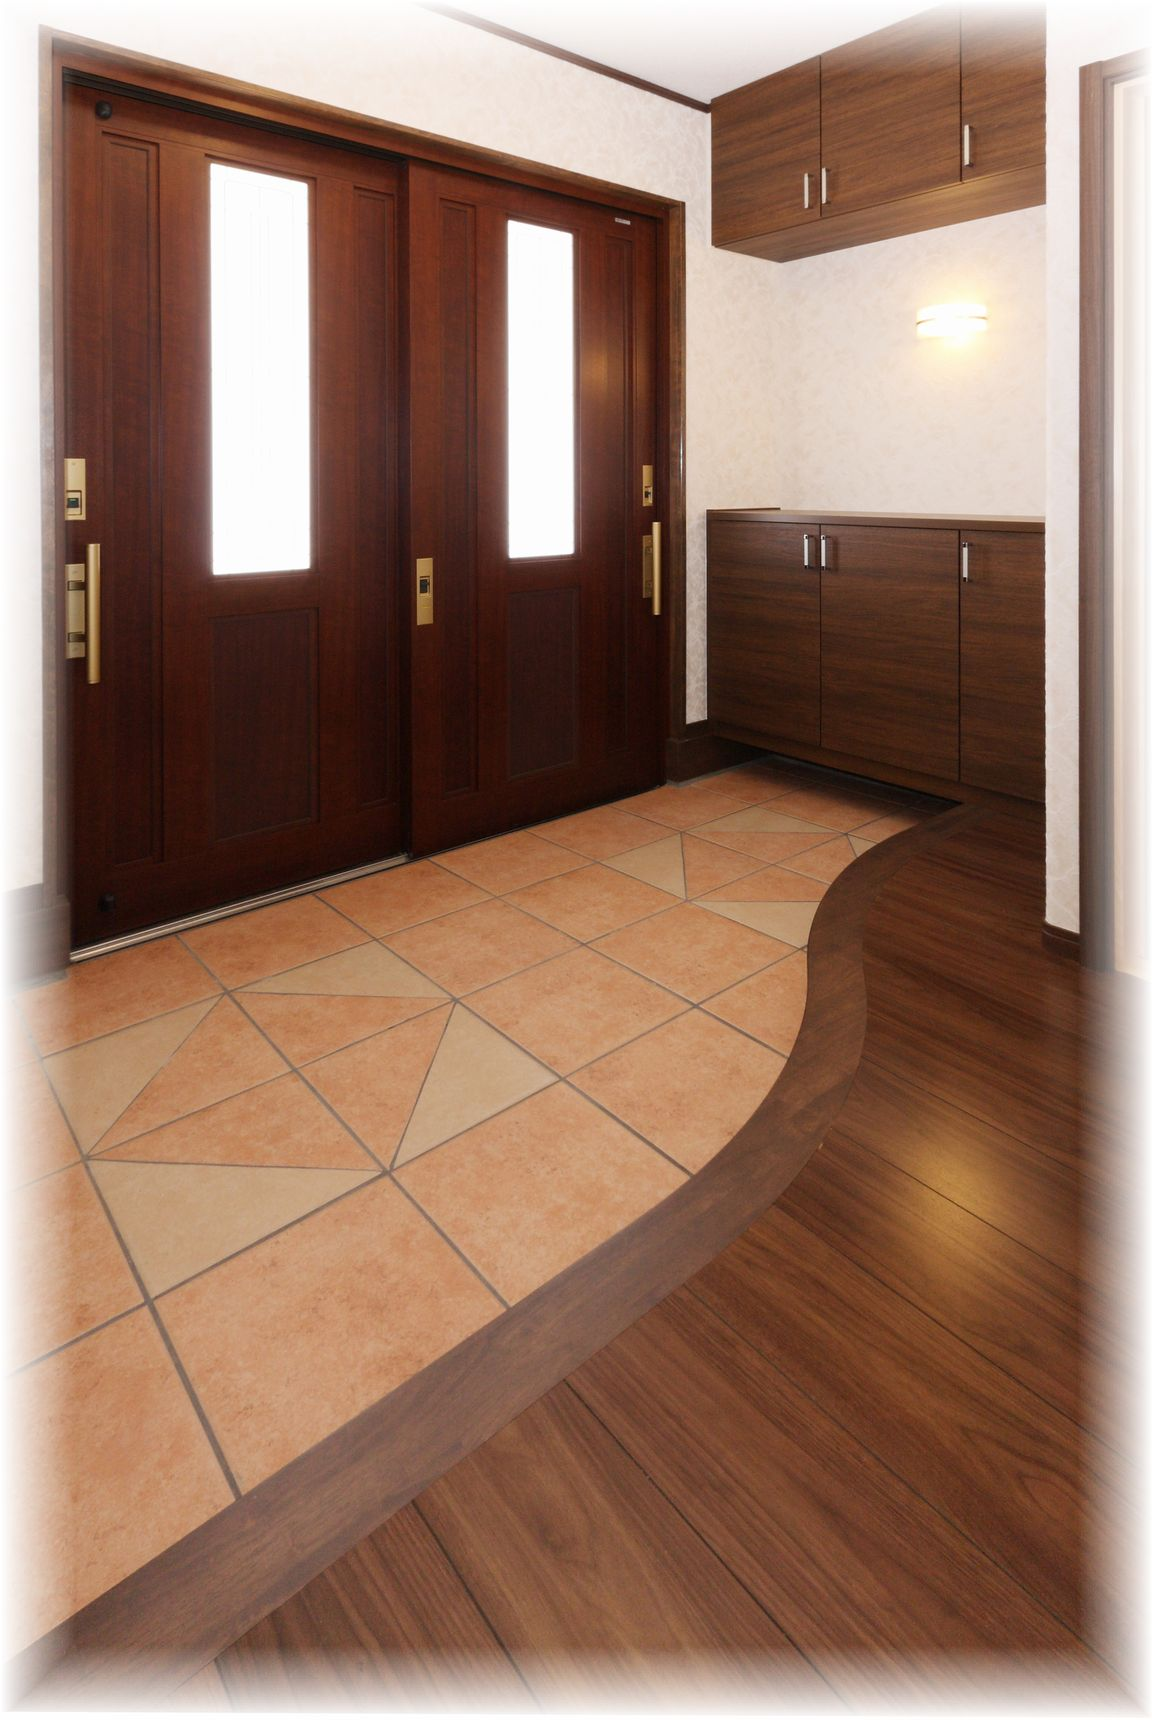 重厚感ある木製の引き戸に、上がり框はアールを付けて格調ある印象に